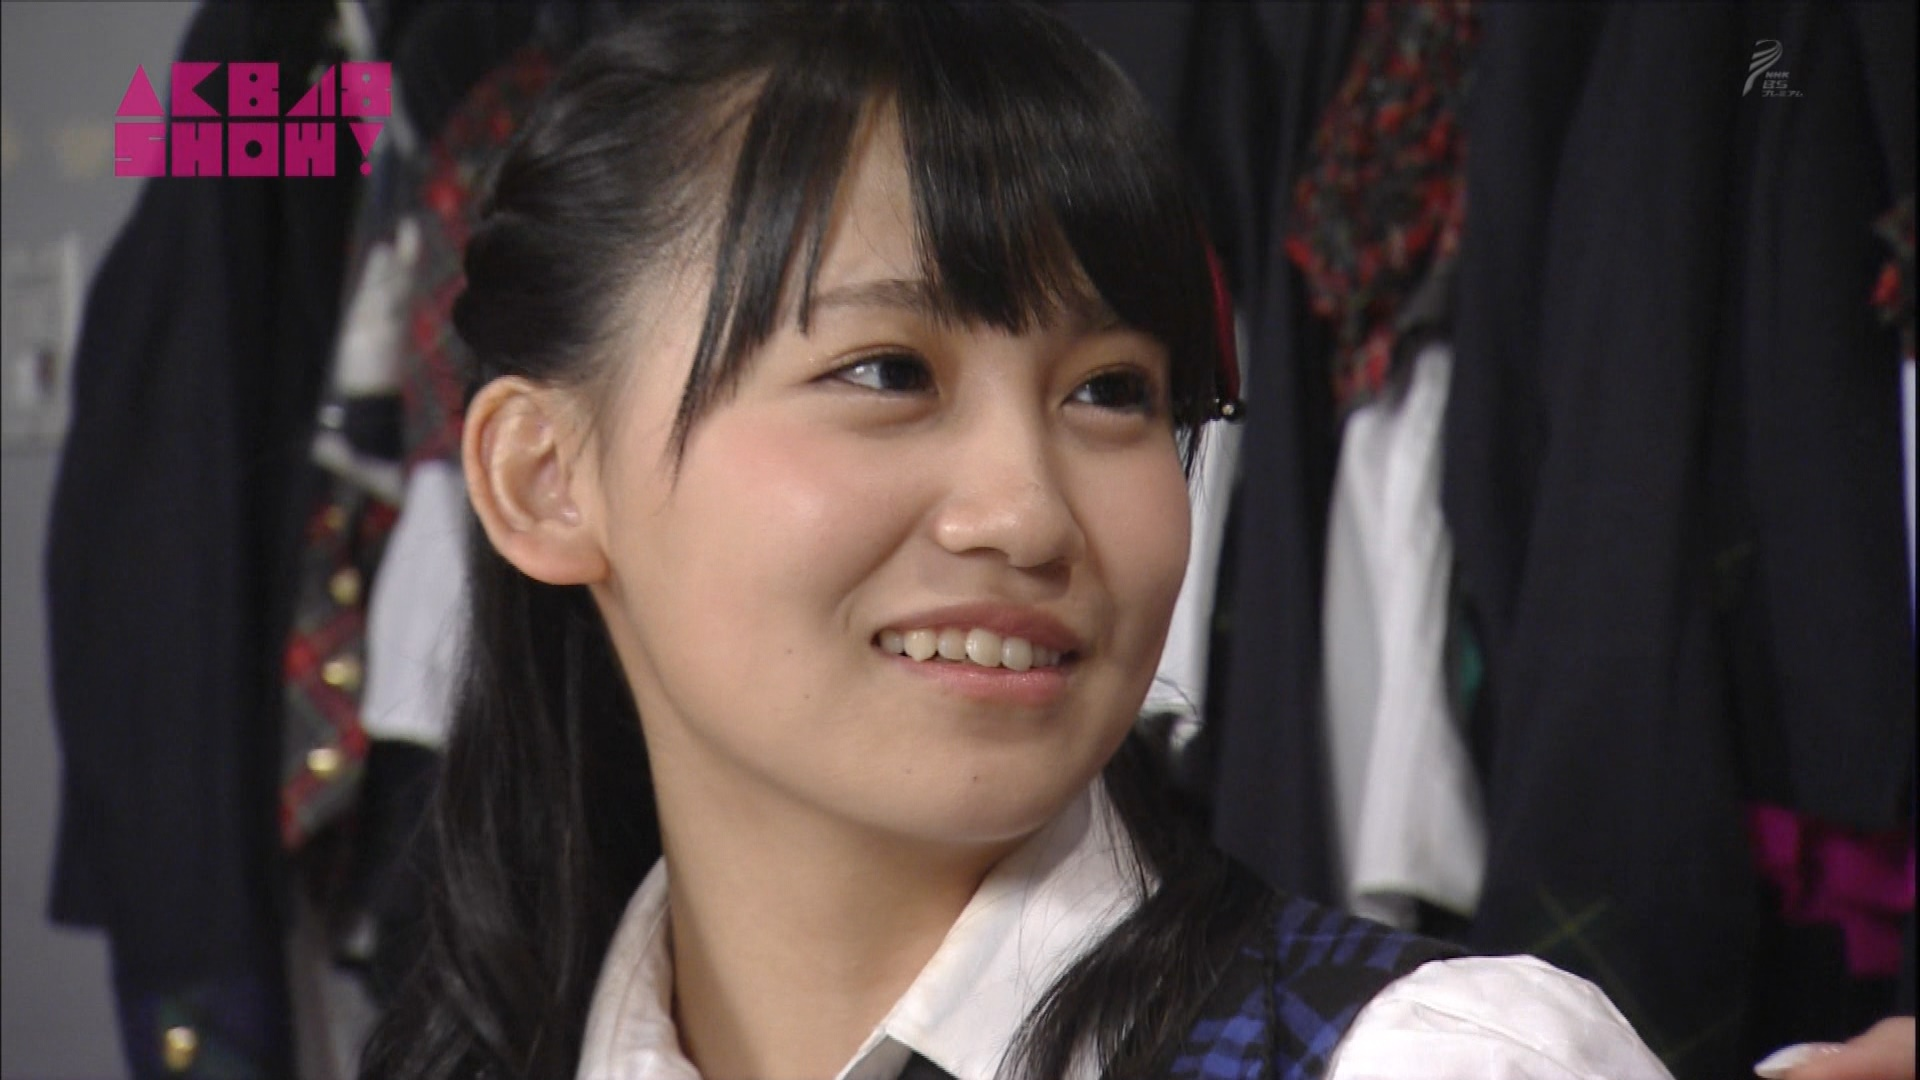 小嶋真子 彼女になれますか AKB48SHOW! 20140906 (13)